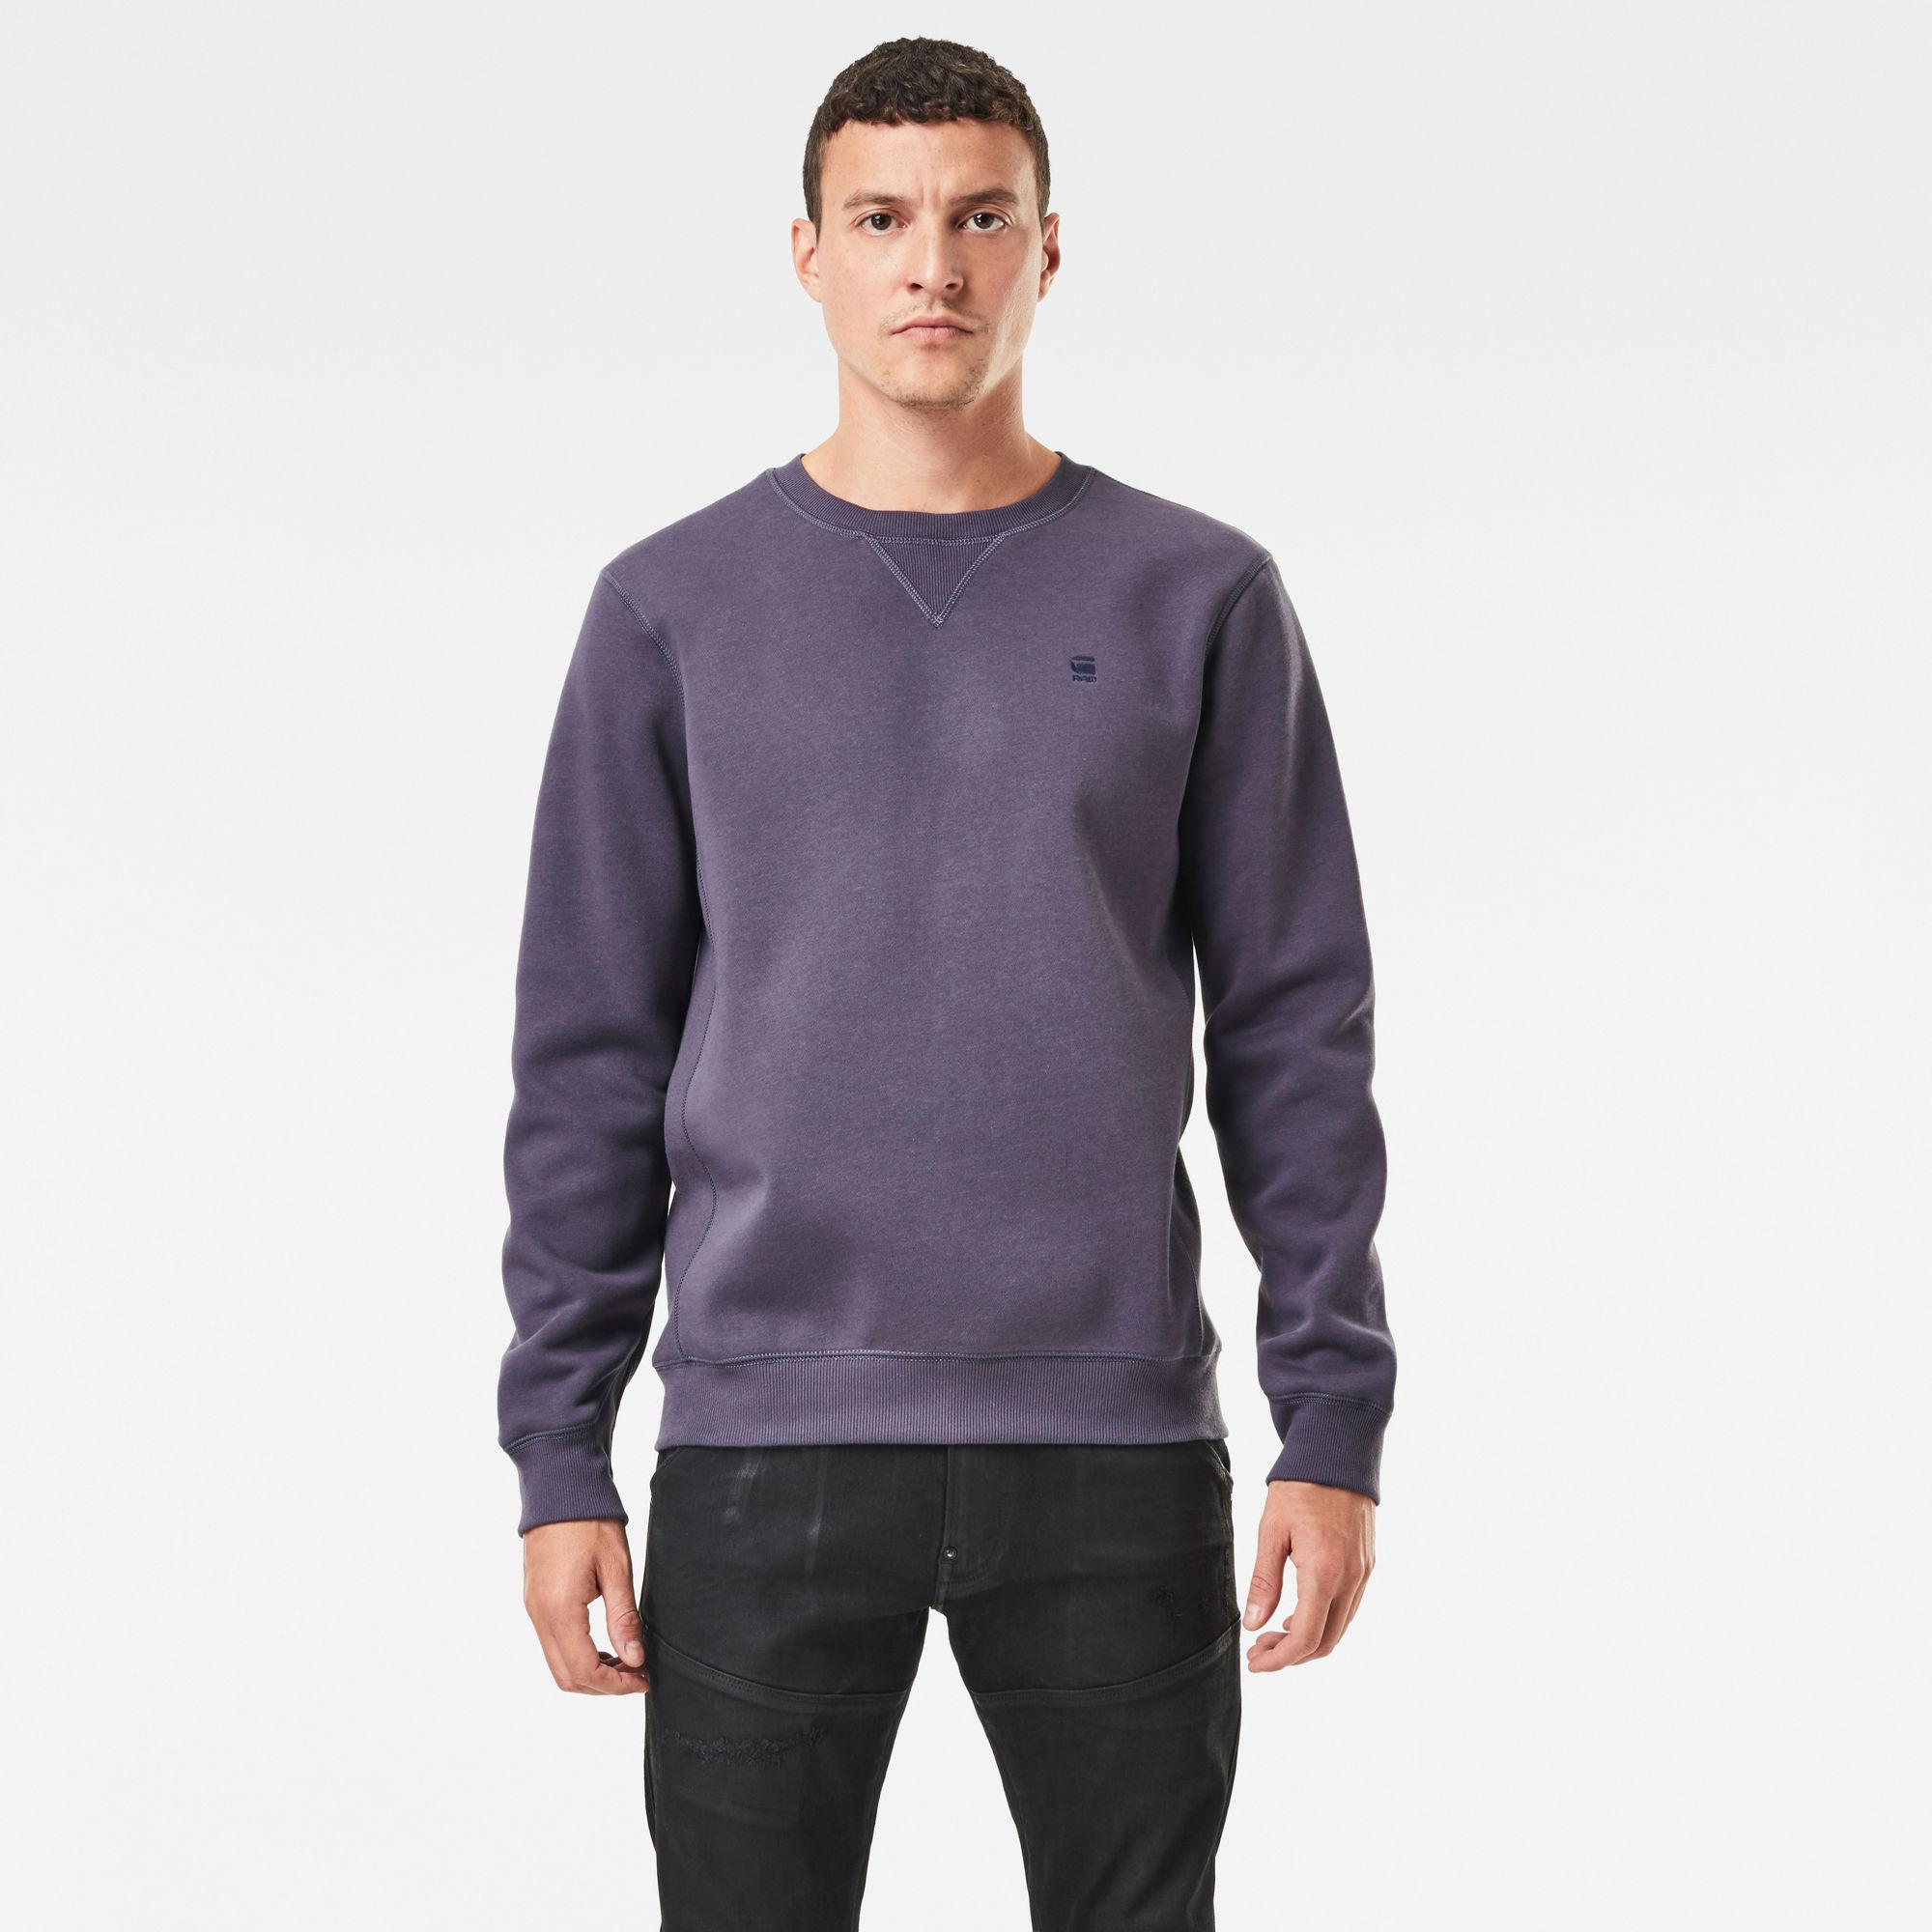 G-Star RAW Heren Premium Core Sweater Paars